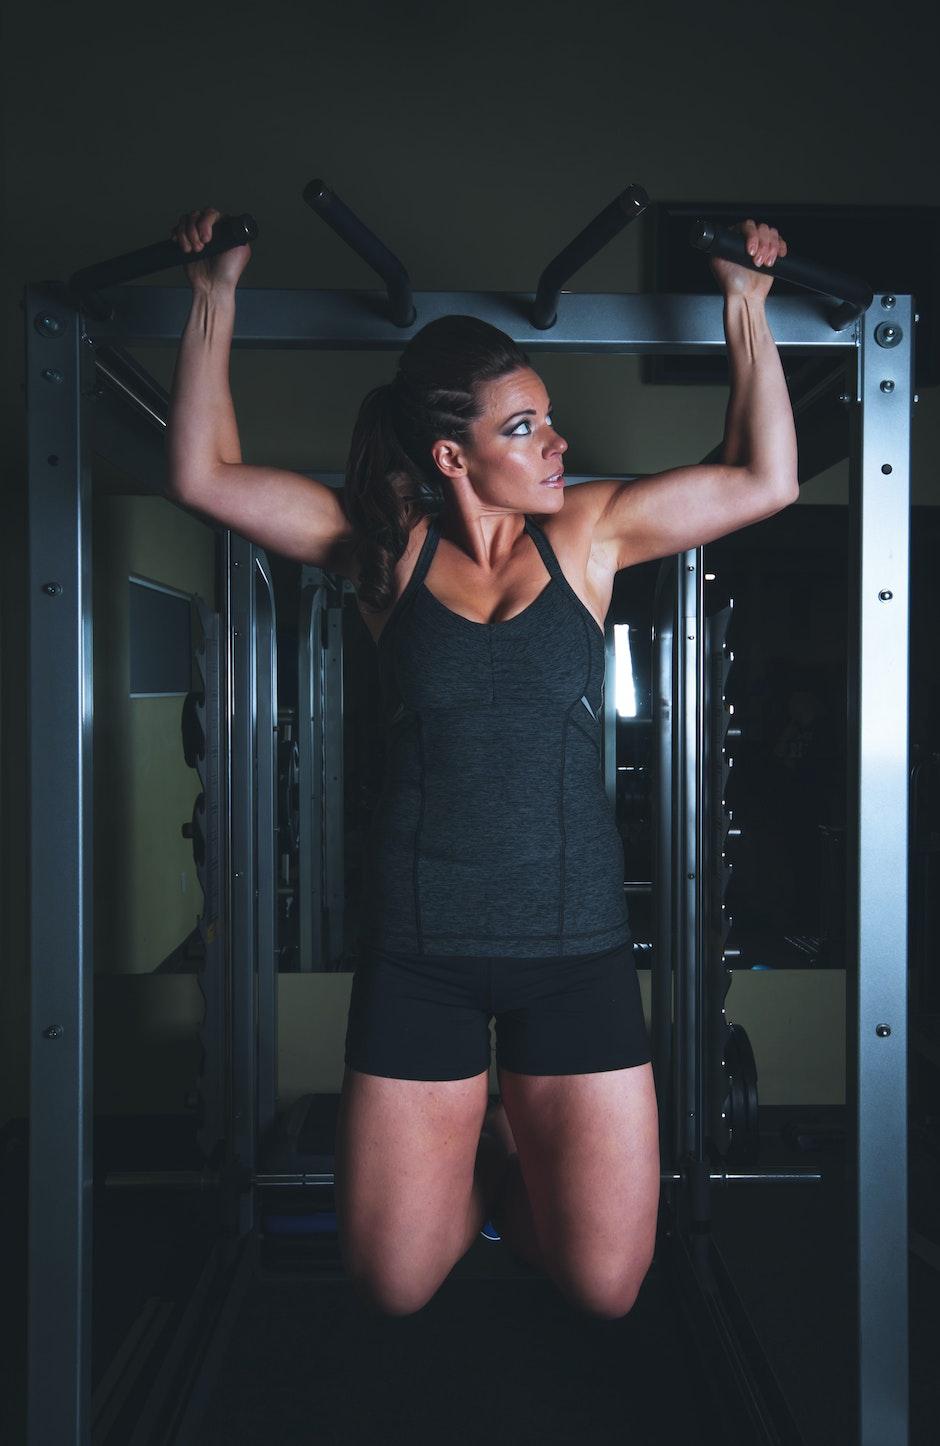 athlete, biceps, body